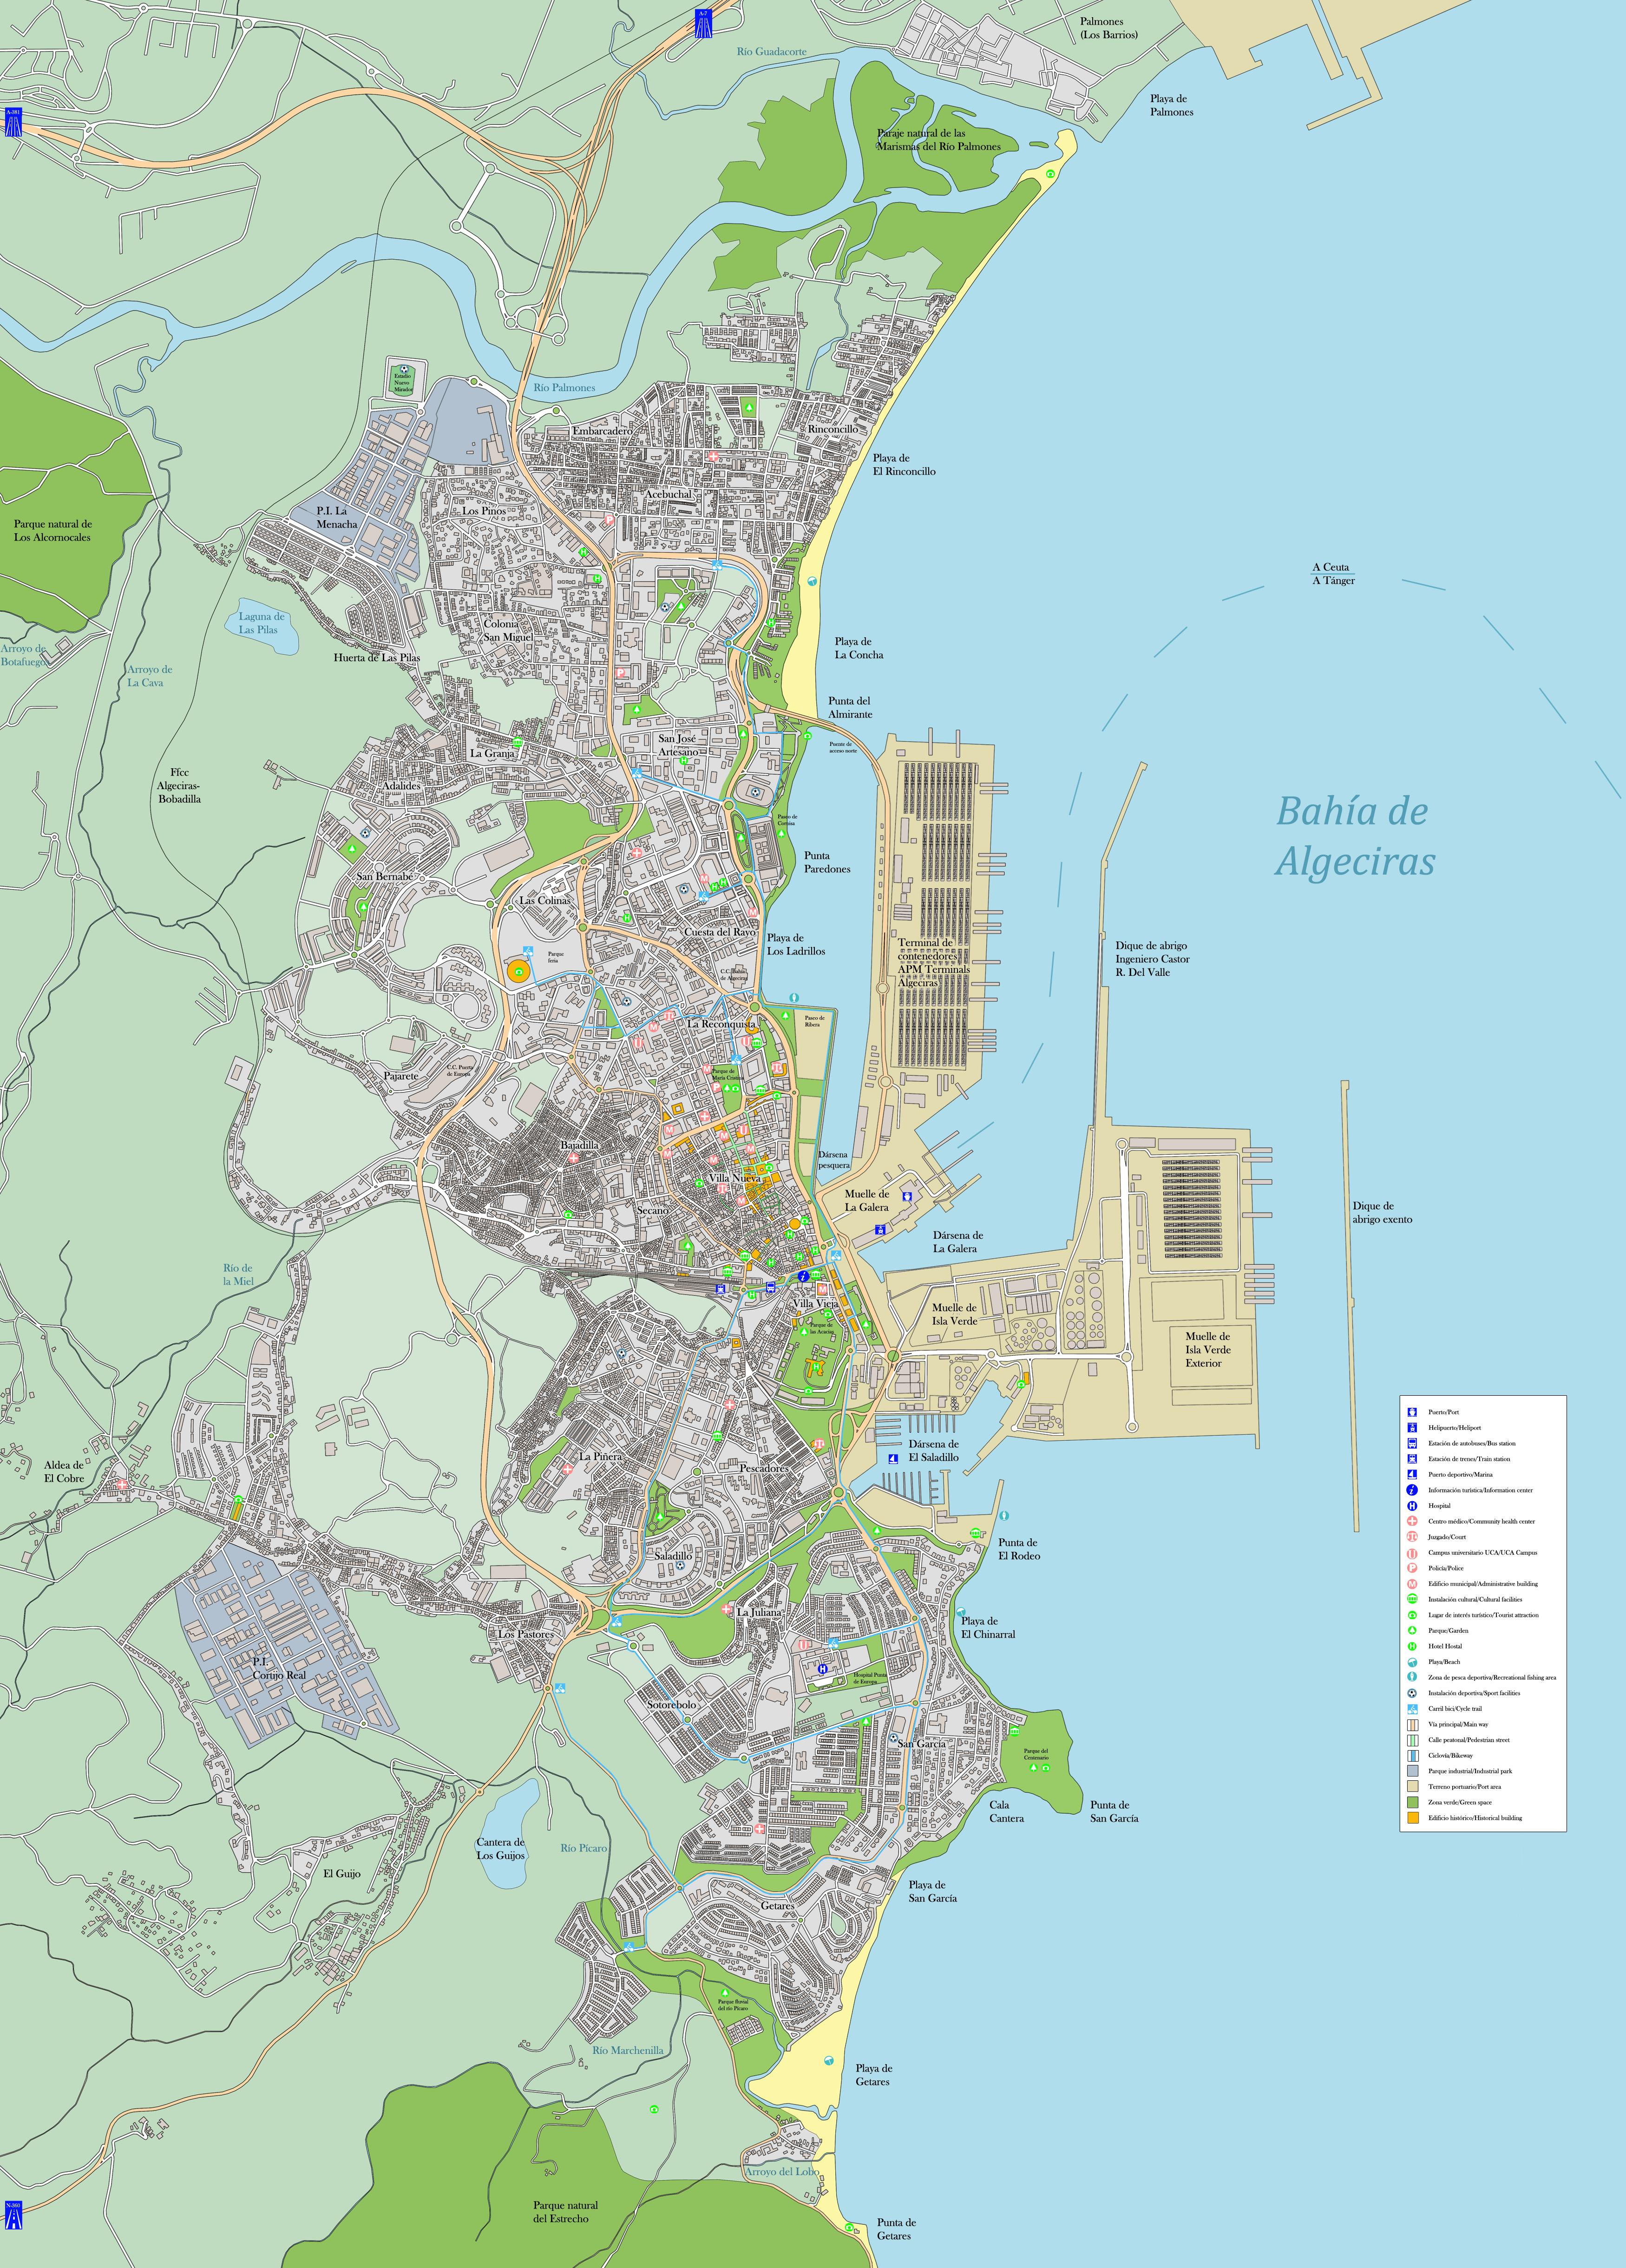 File:Plano de algeciras turístico.png - Wikimedia Commons